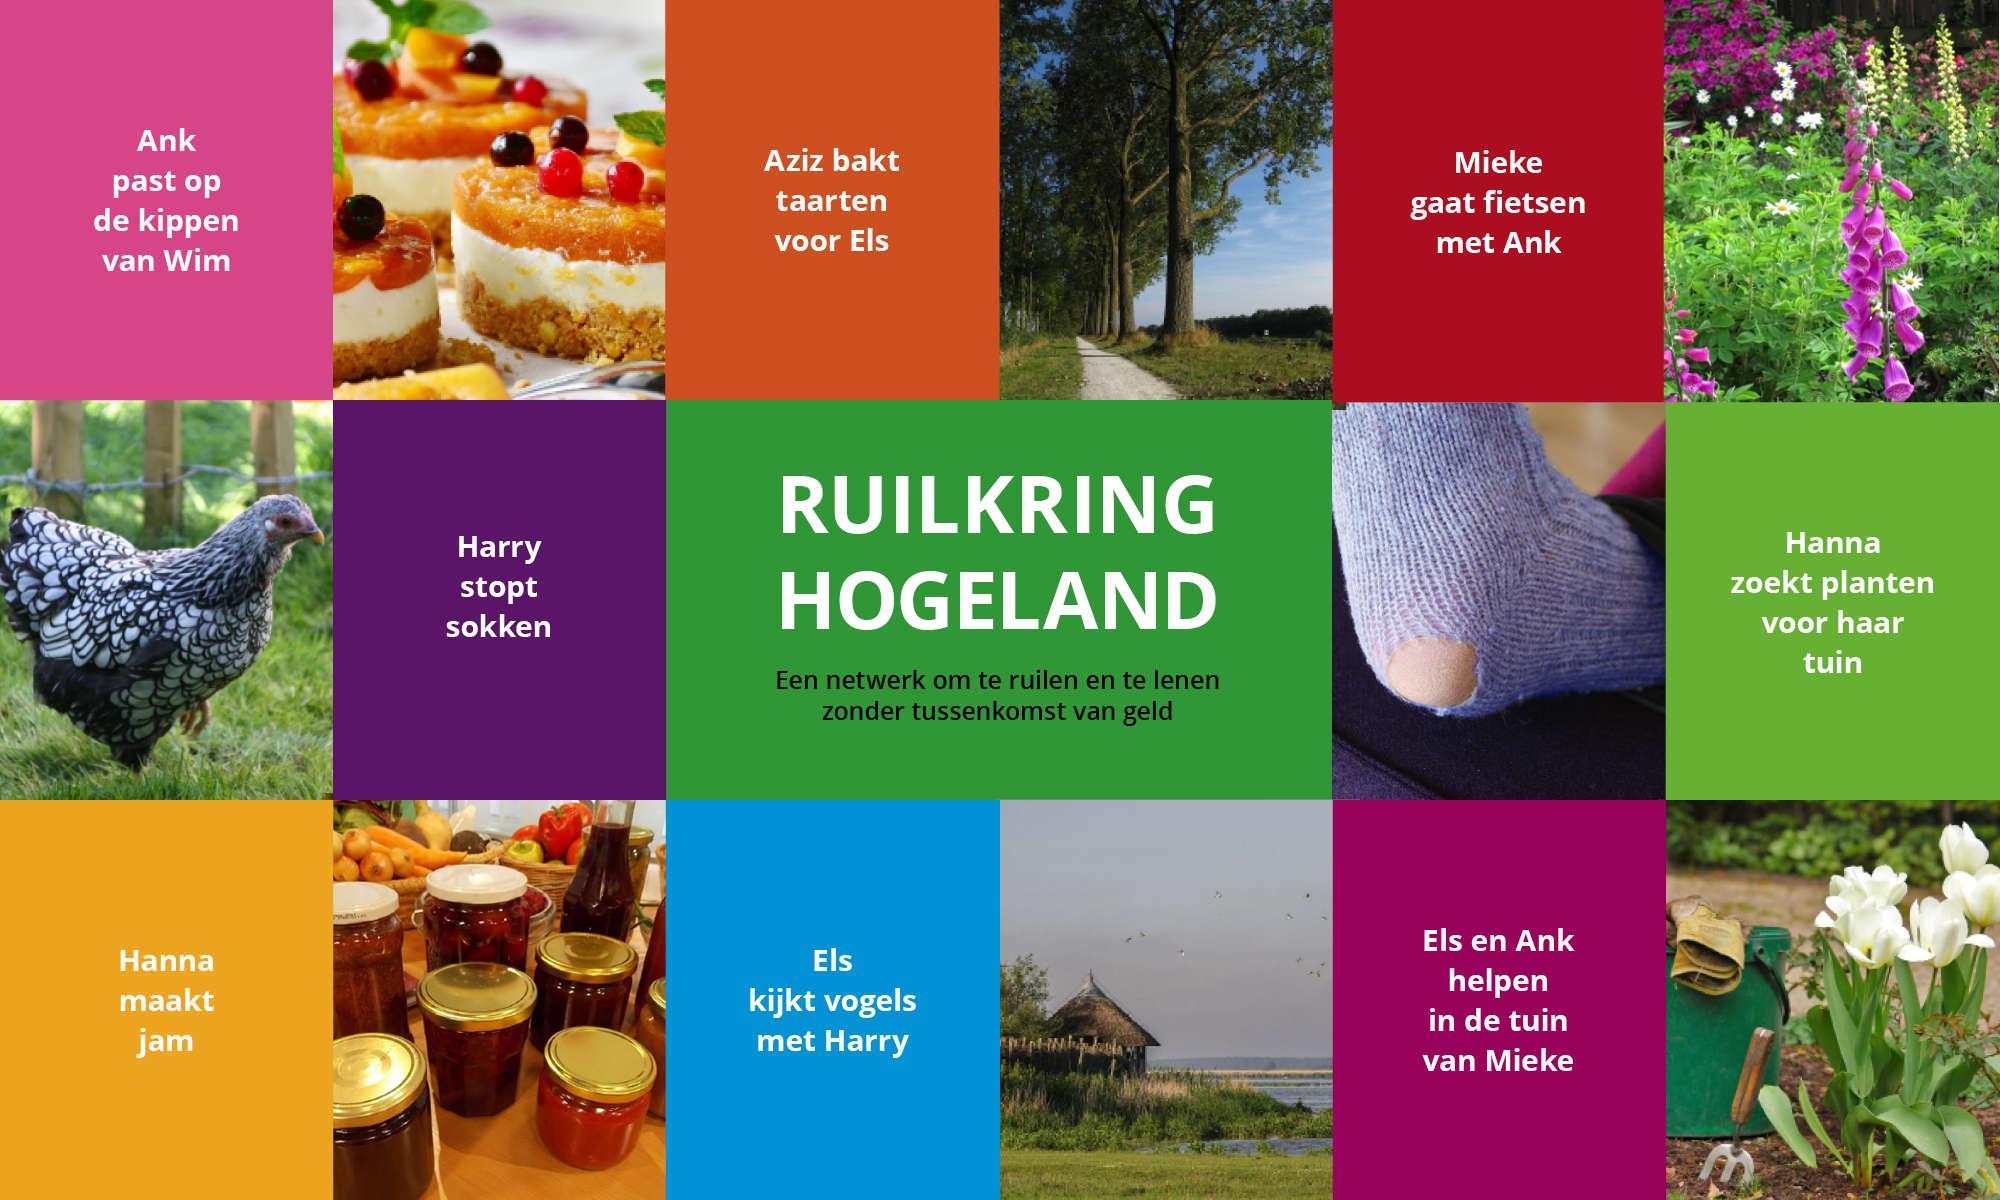 Ruilkring Hogeland